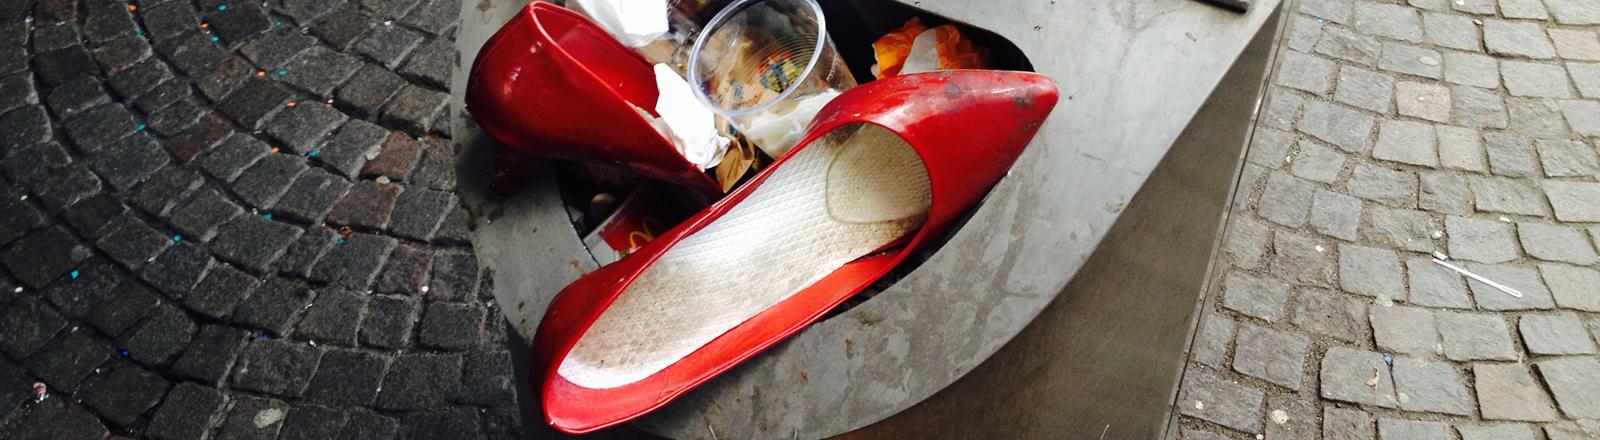 Reste vom Karneval oder einfach nur beim Stadtbummel durchgelaufene Damen-Schuhe stecken in einem Abfallkorb in Köln.